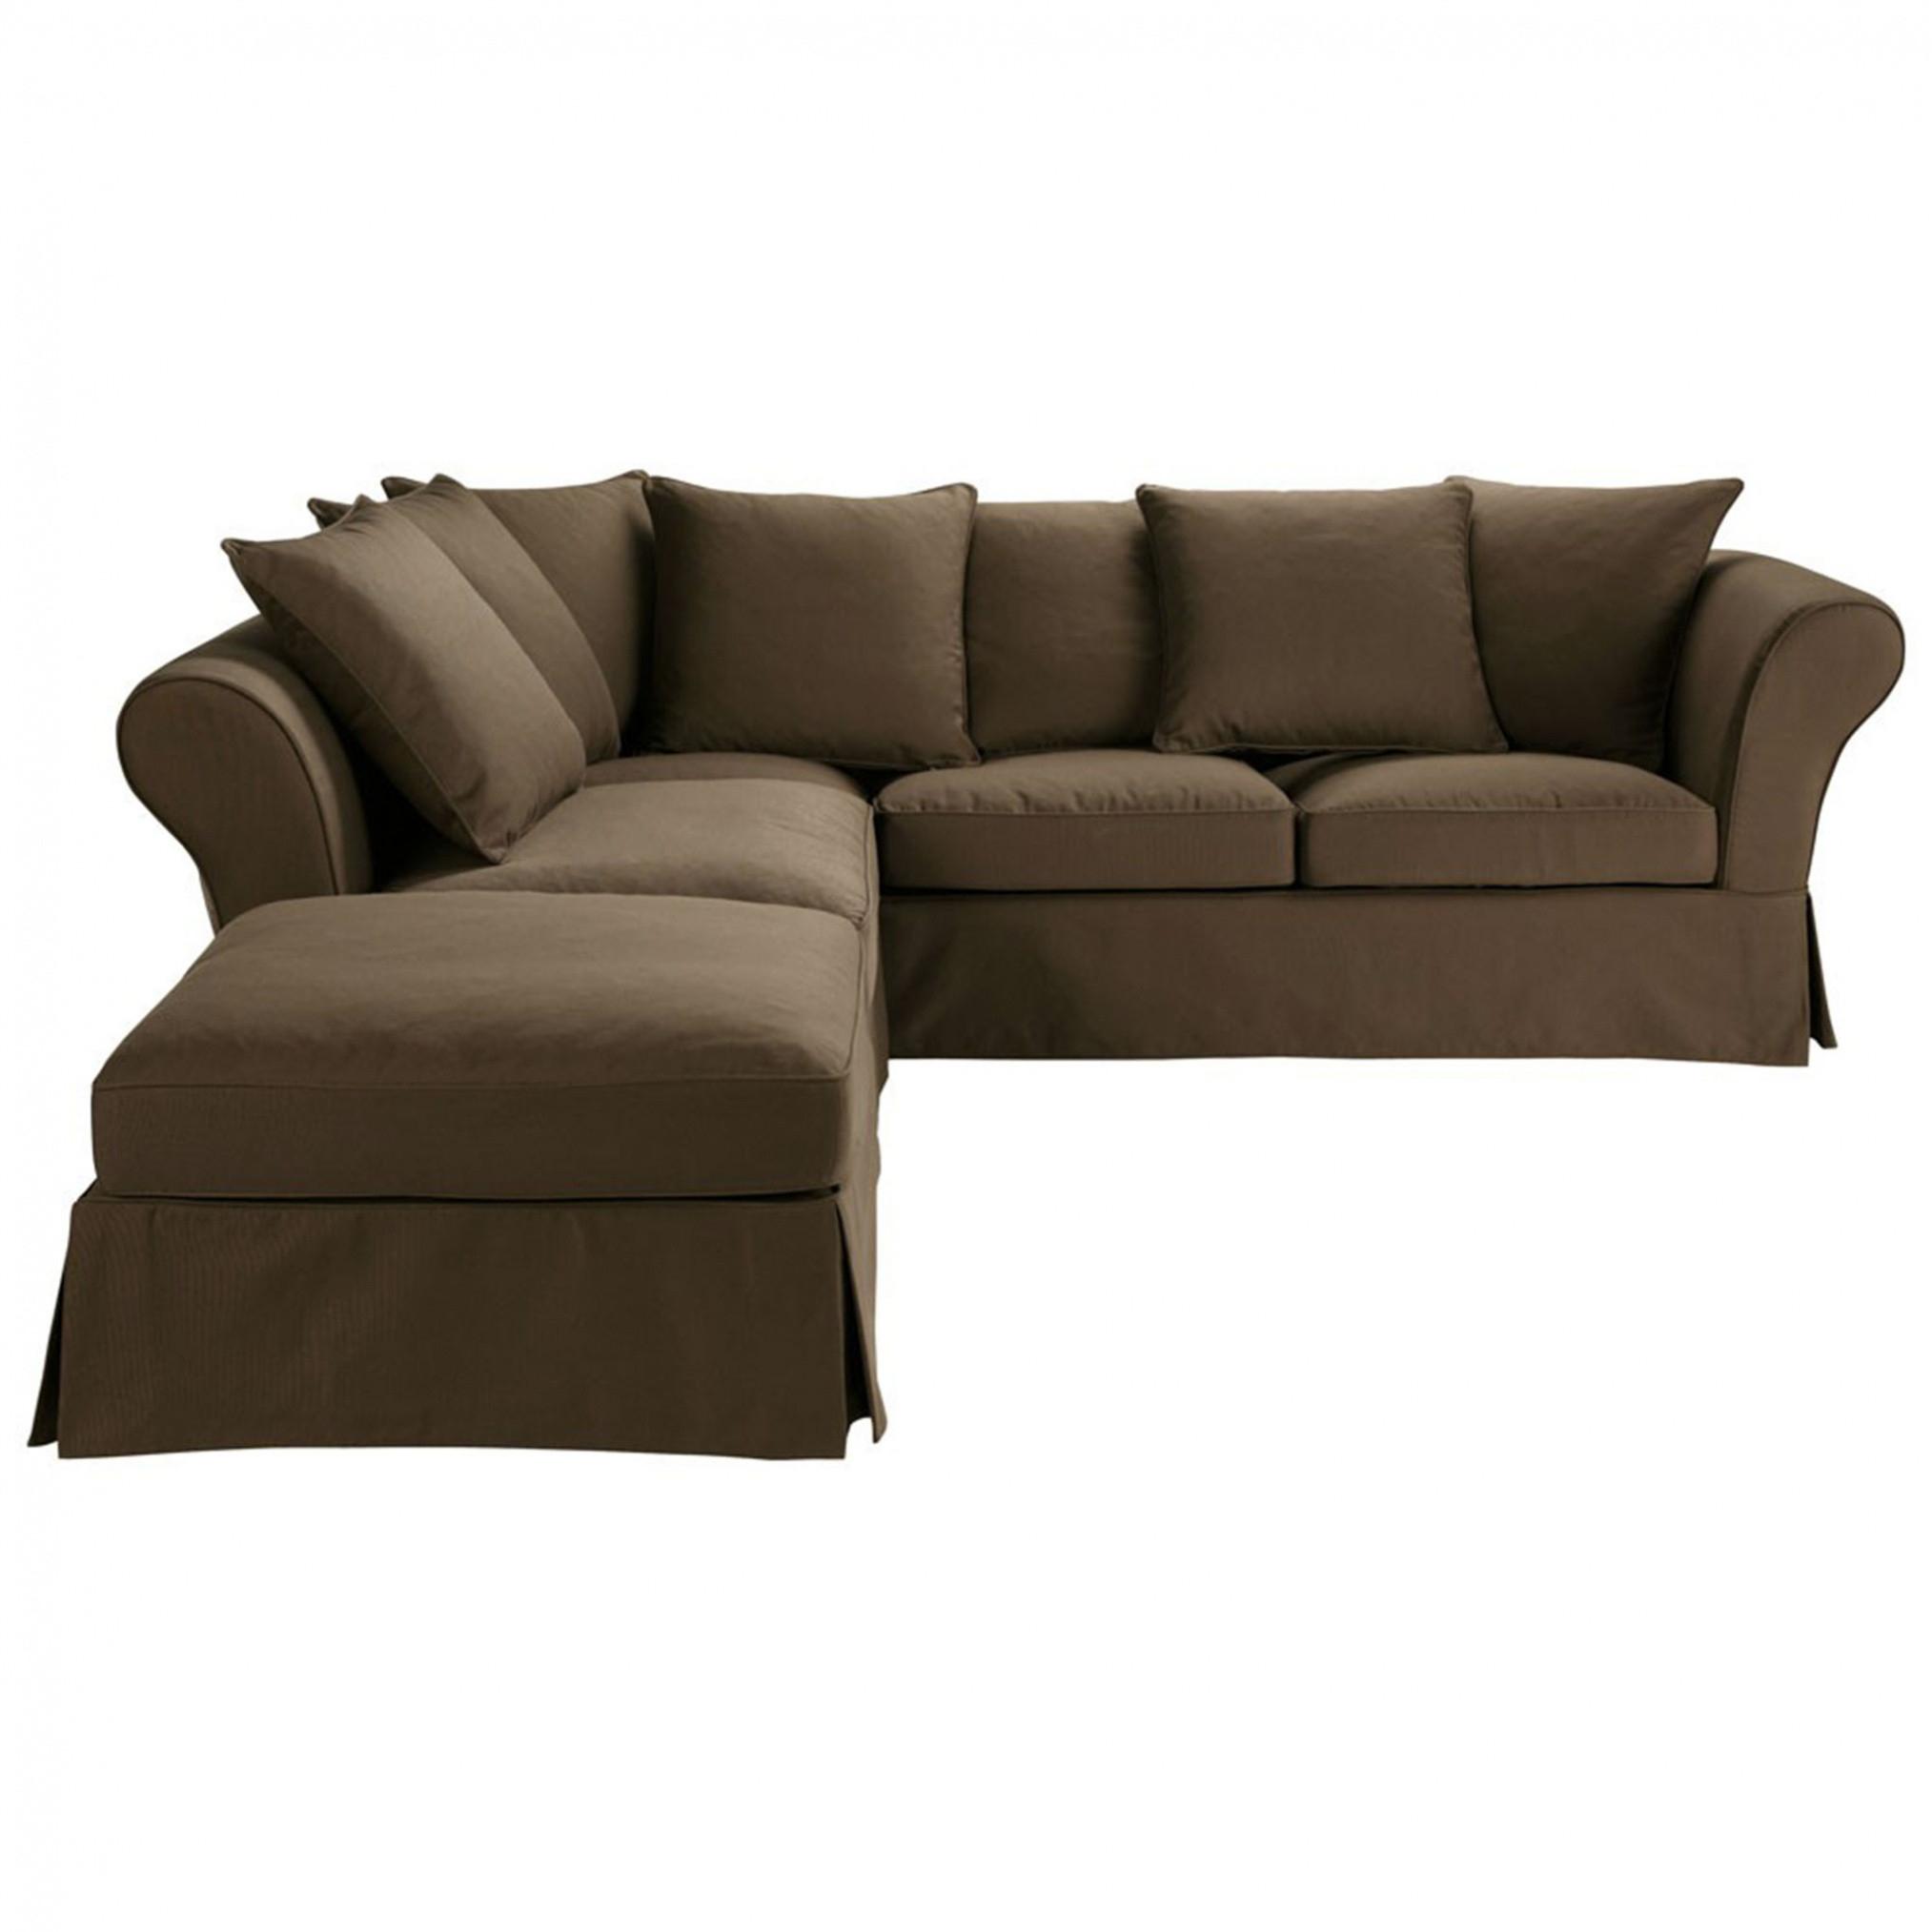 Housse Canapé 2 Places Ikea Inspirant Stock La Charmant Choisir Un Canapé Conception  Perfectionner La G Te